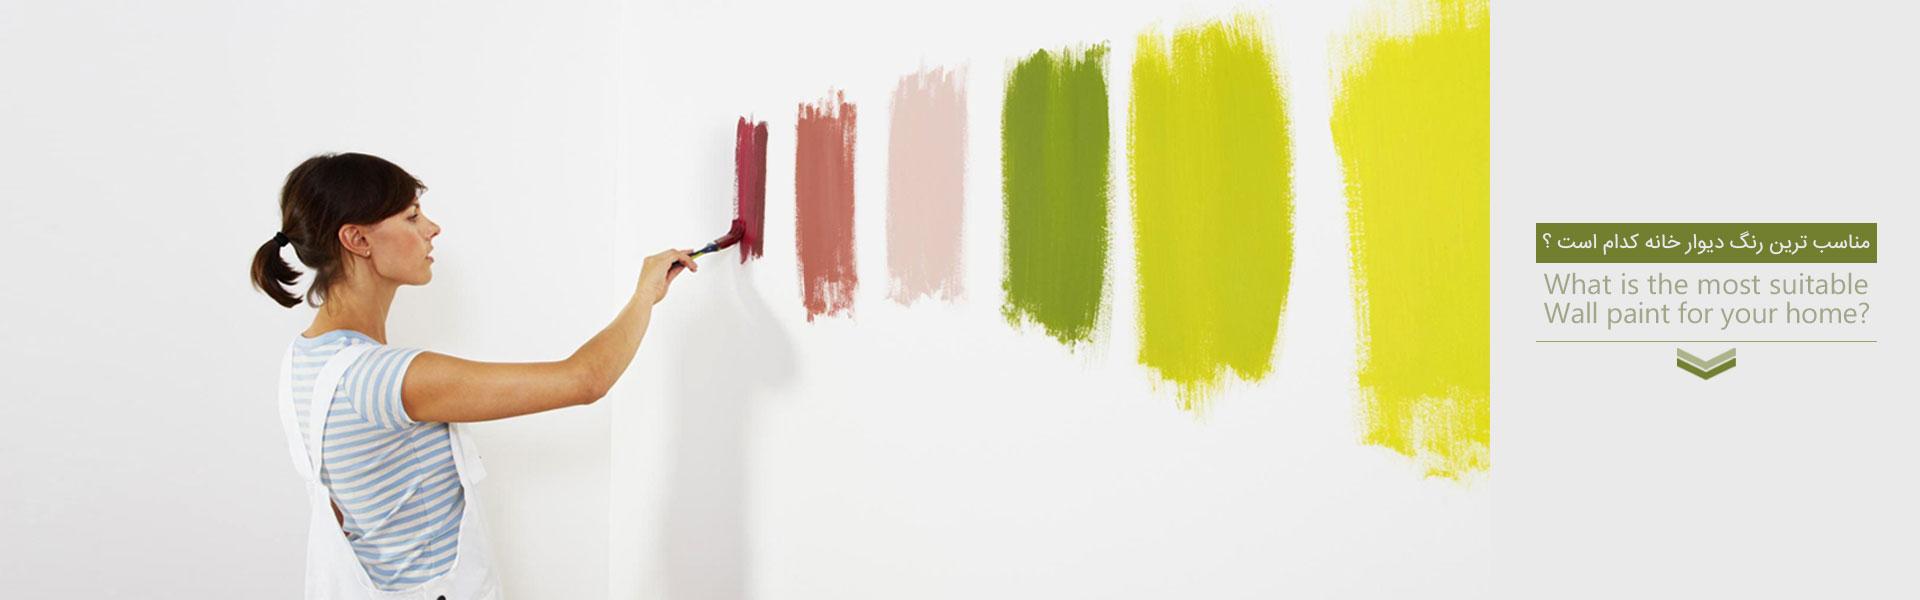 رنگ دیوار در دکوراسیون